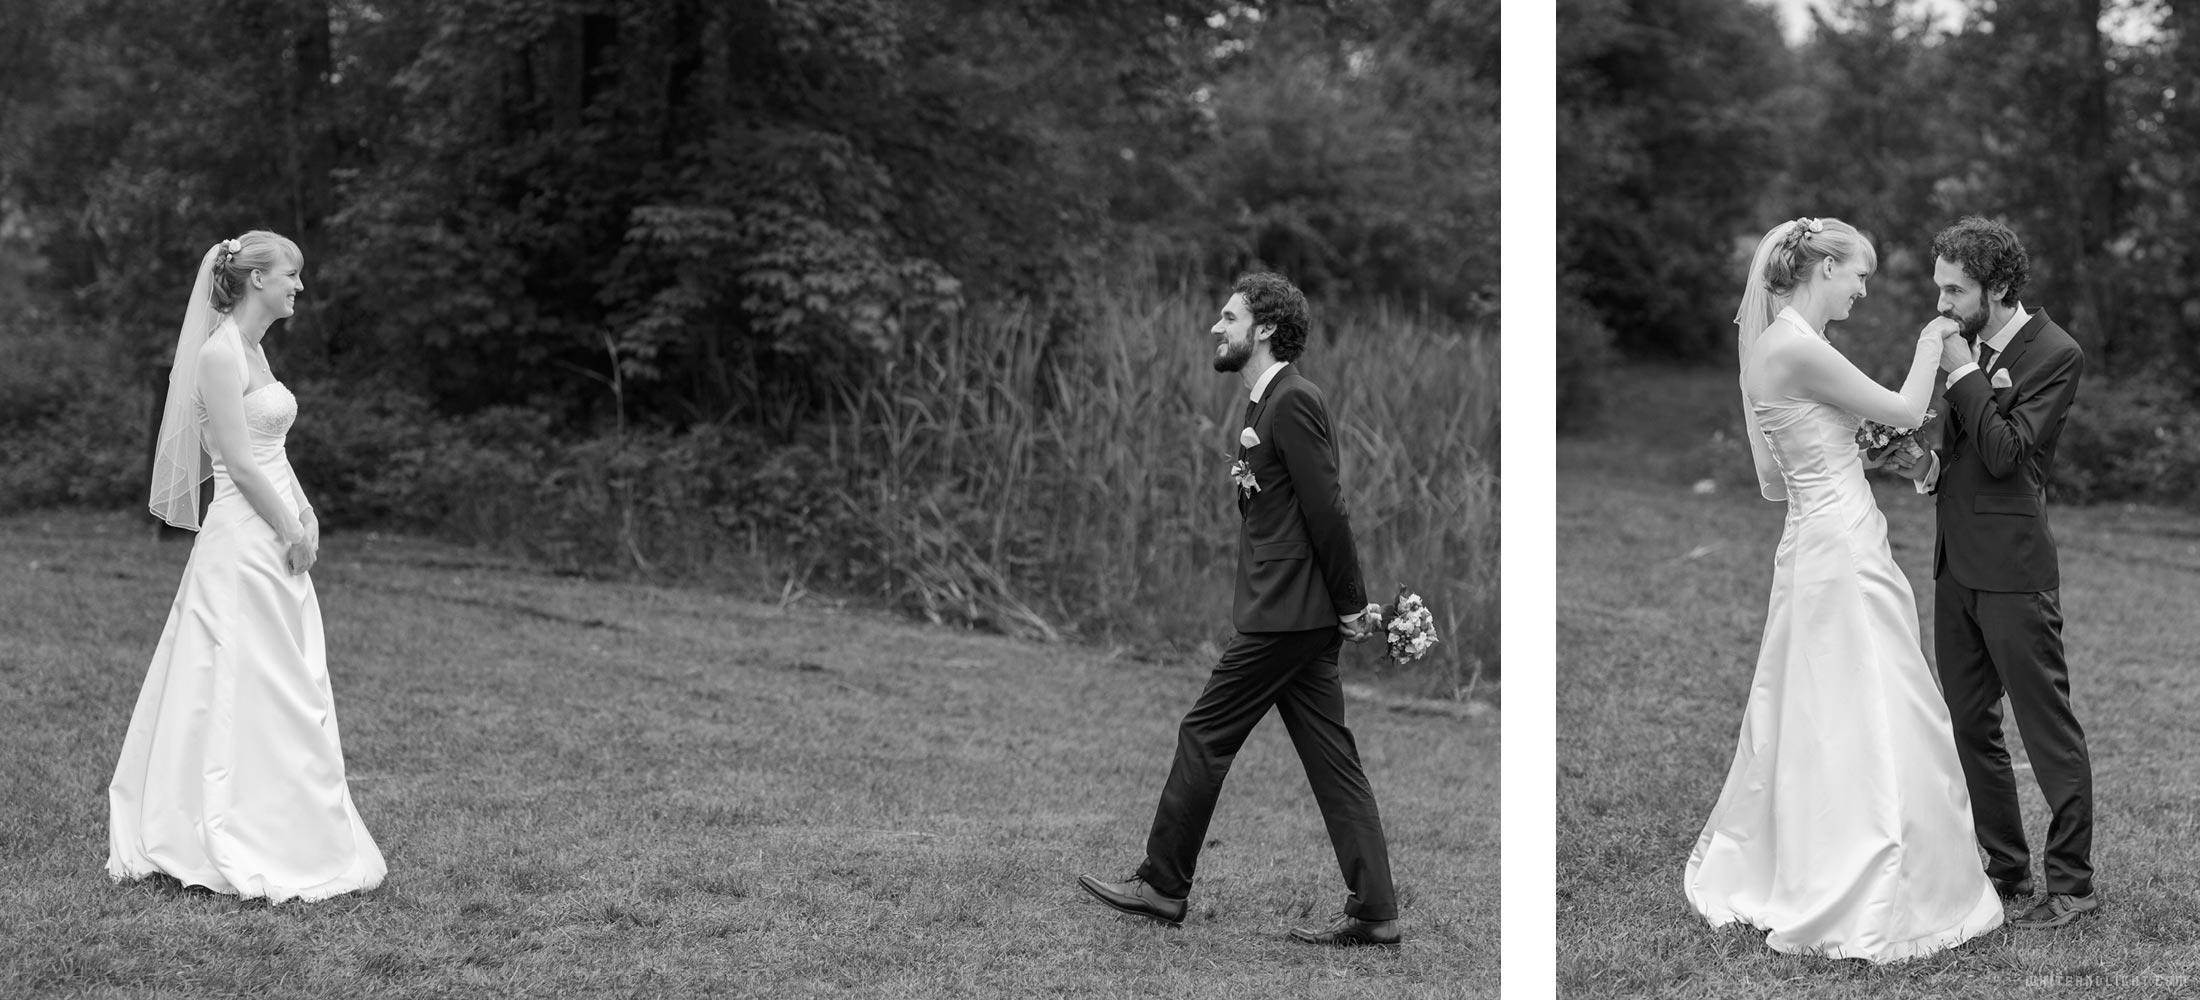 свадебный фотограф бавария